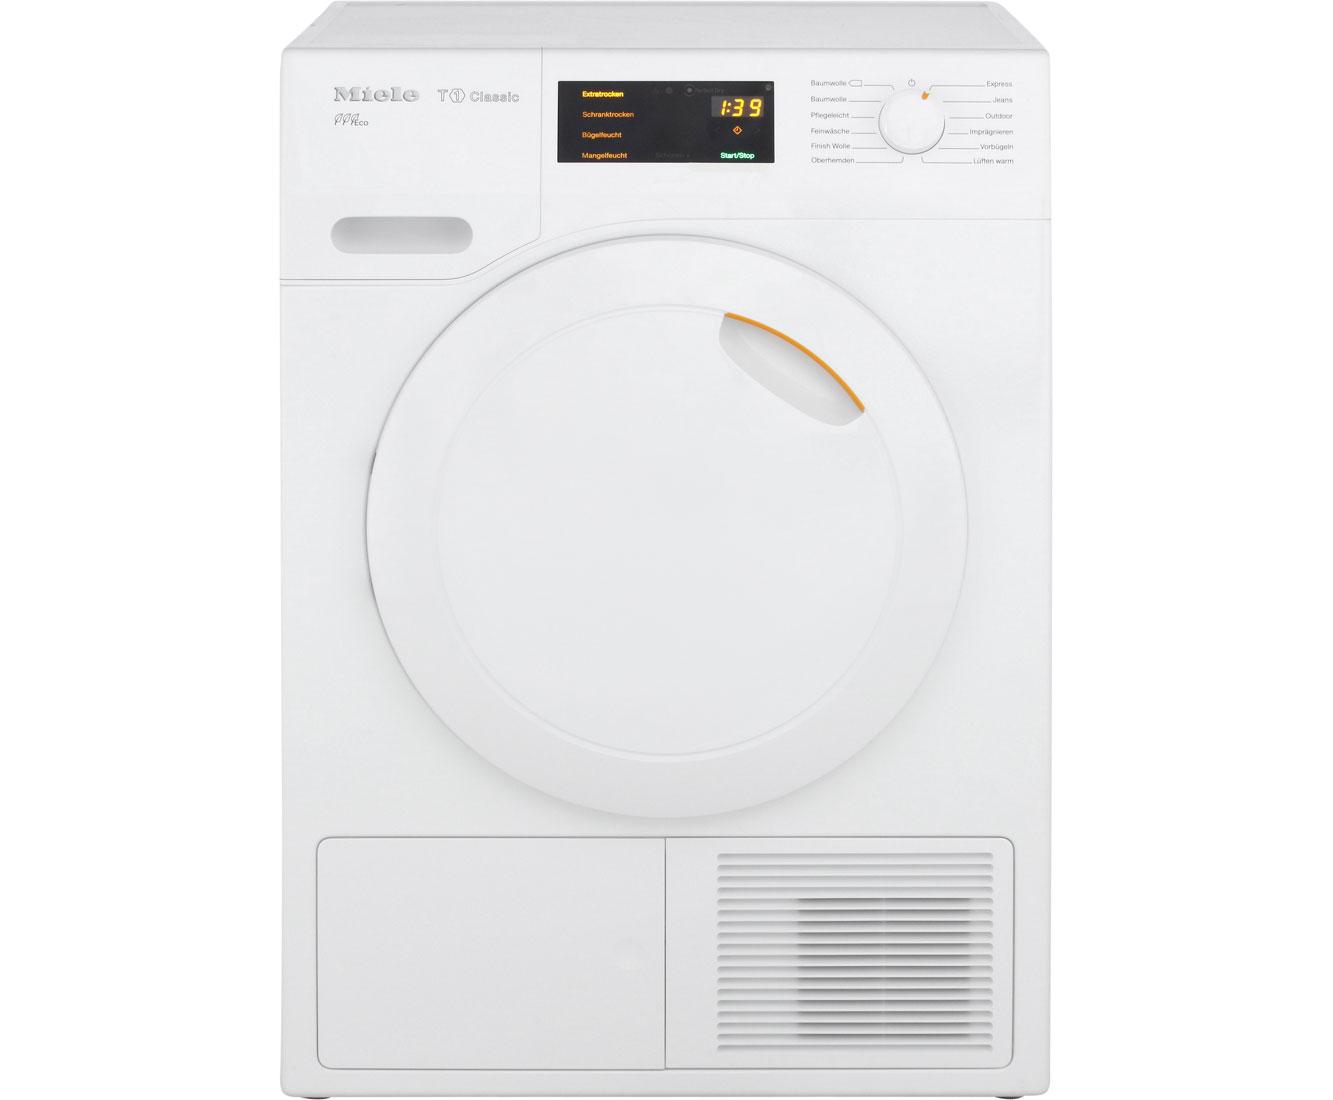 Miele TDB 630 WP Wärmepumpentrockner - Weiß | Bad > Waschmaschinen und Trockner > Wärmepumpentrockner | Weiß | Miele